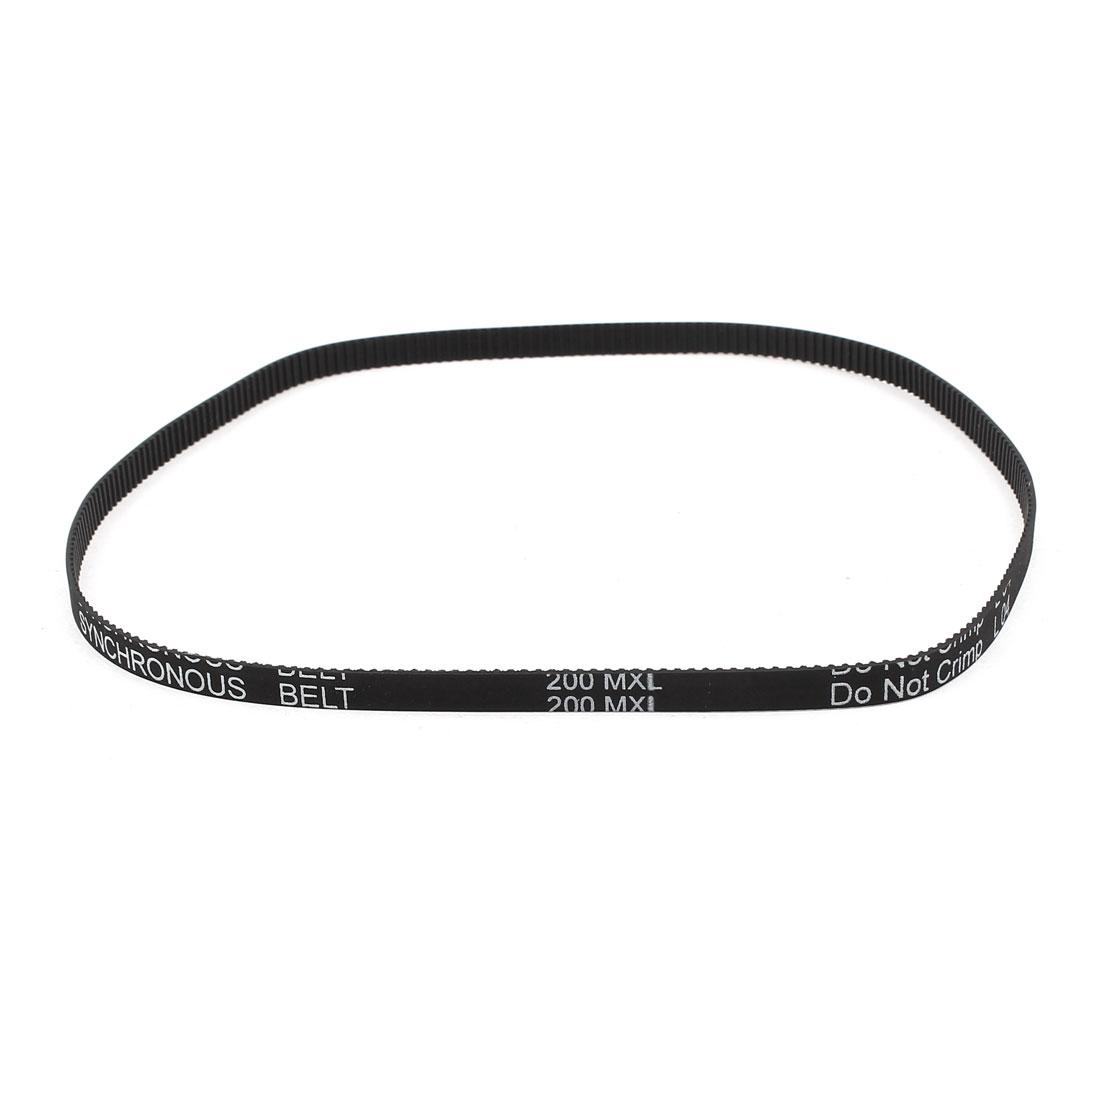 200MXL 025 6.4mm Belt Width 250 Teeth 508mm Engine Rubber Timing Belt